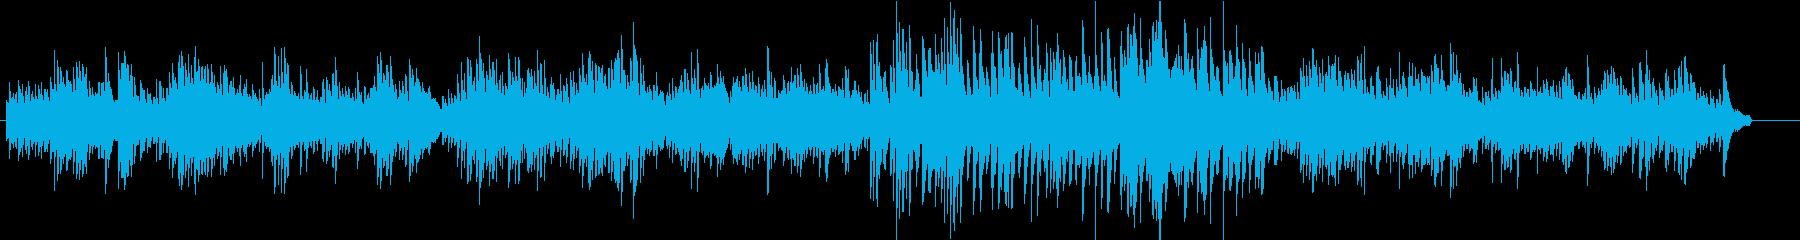 しっとりした切ないピアノのインスト曲の再生済みの波形